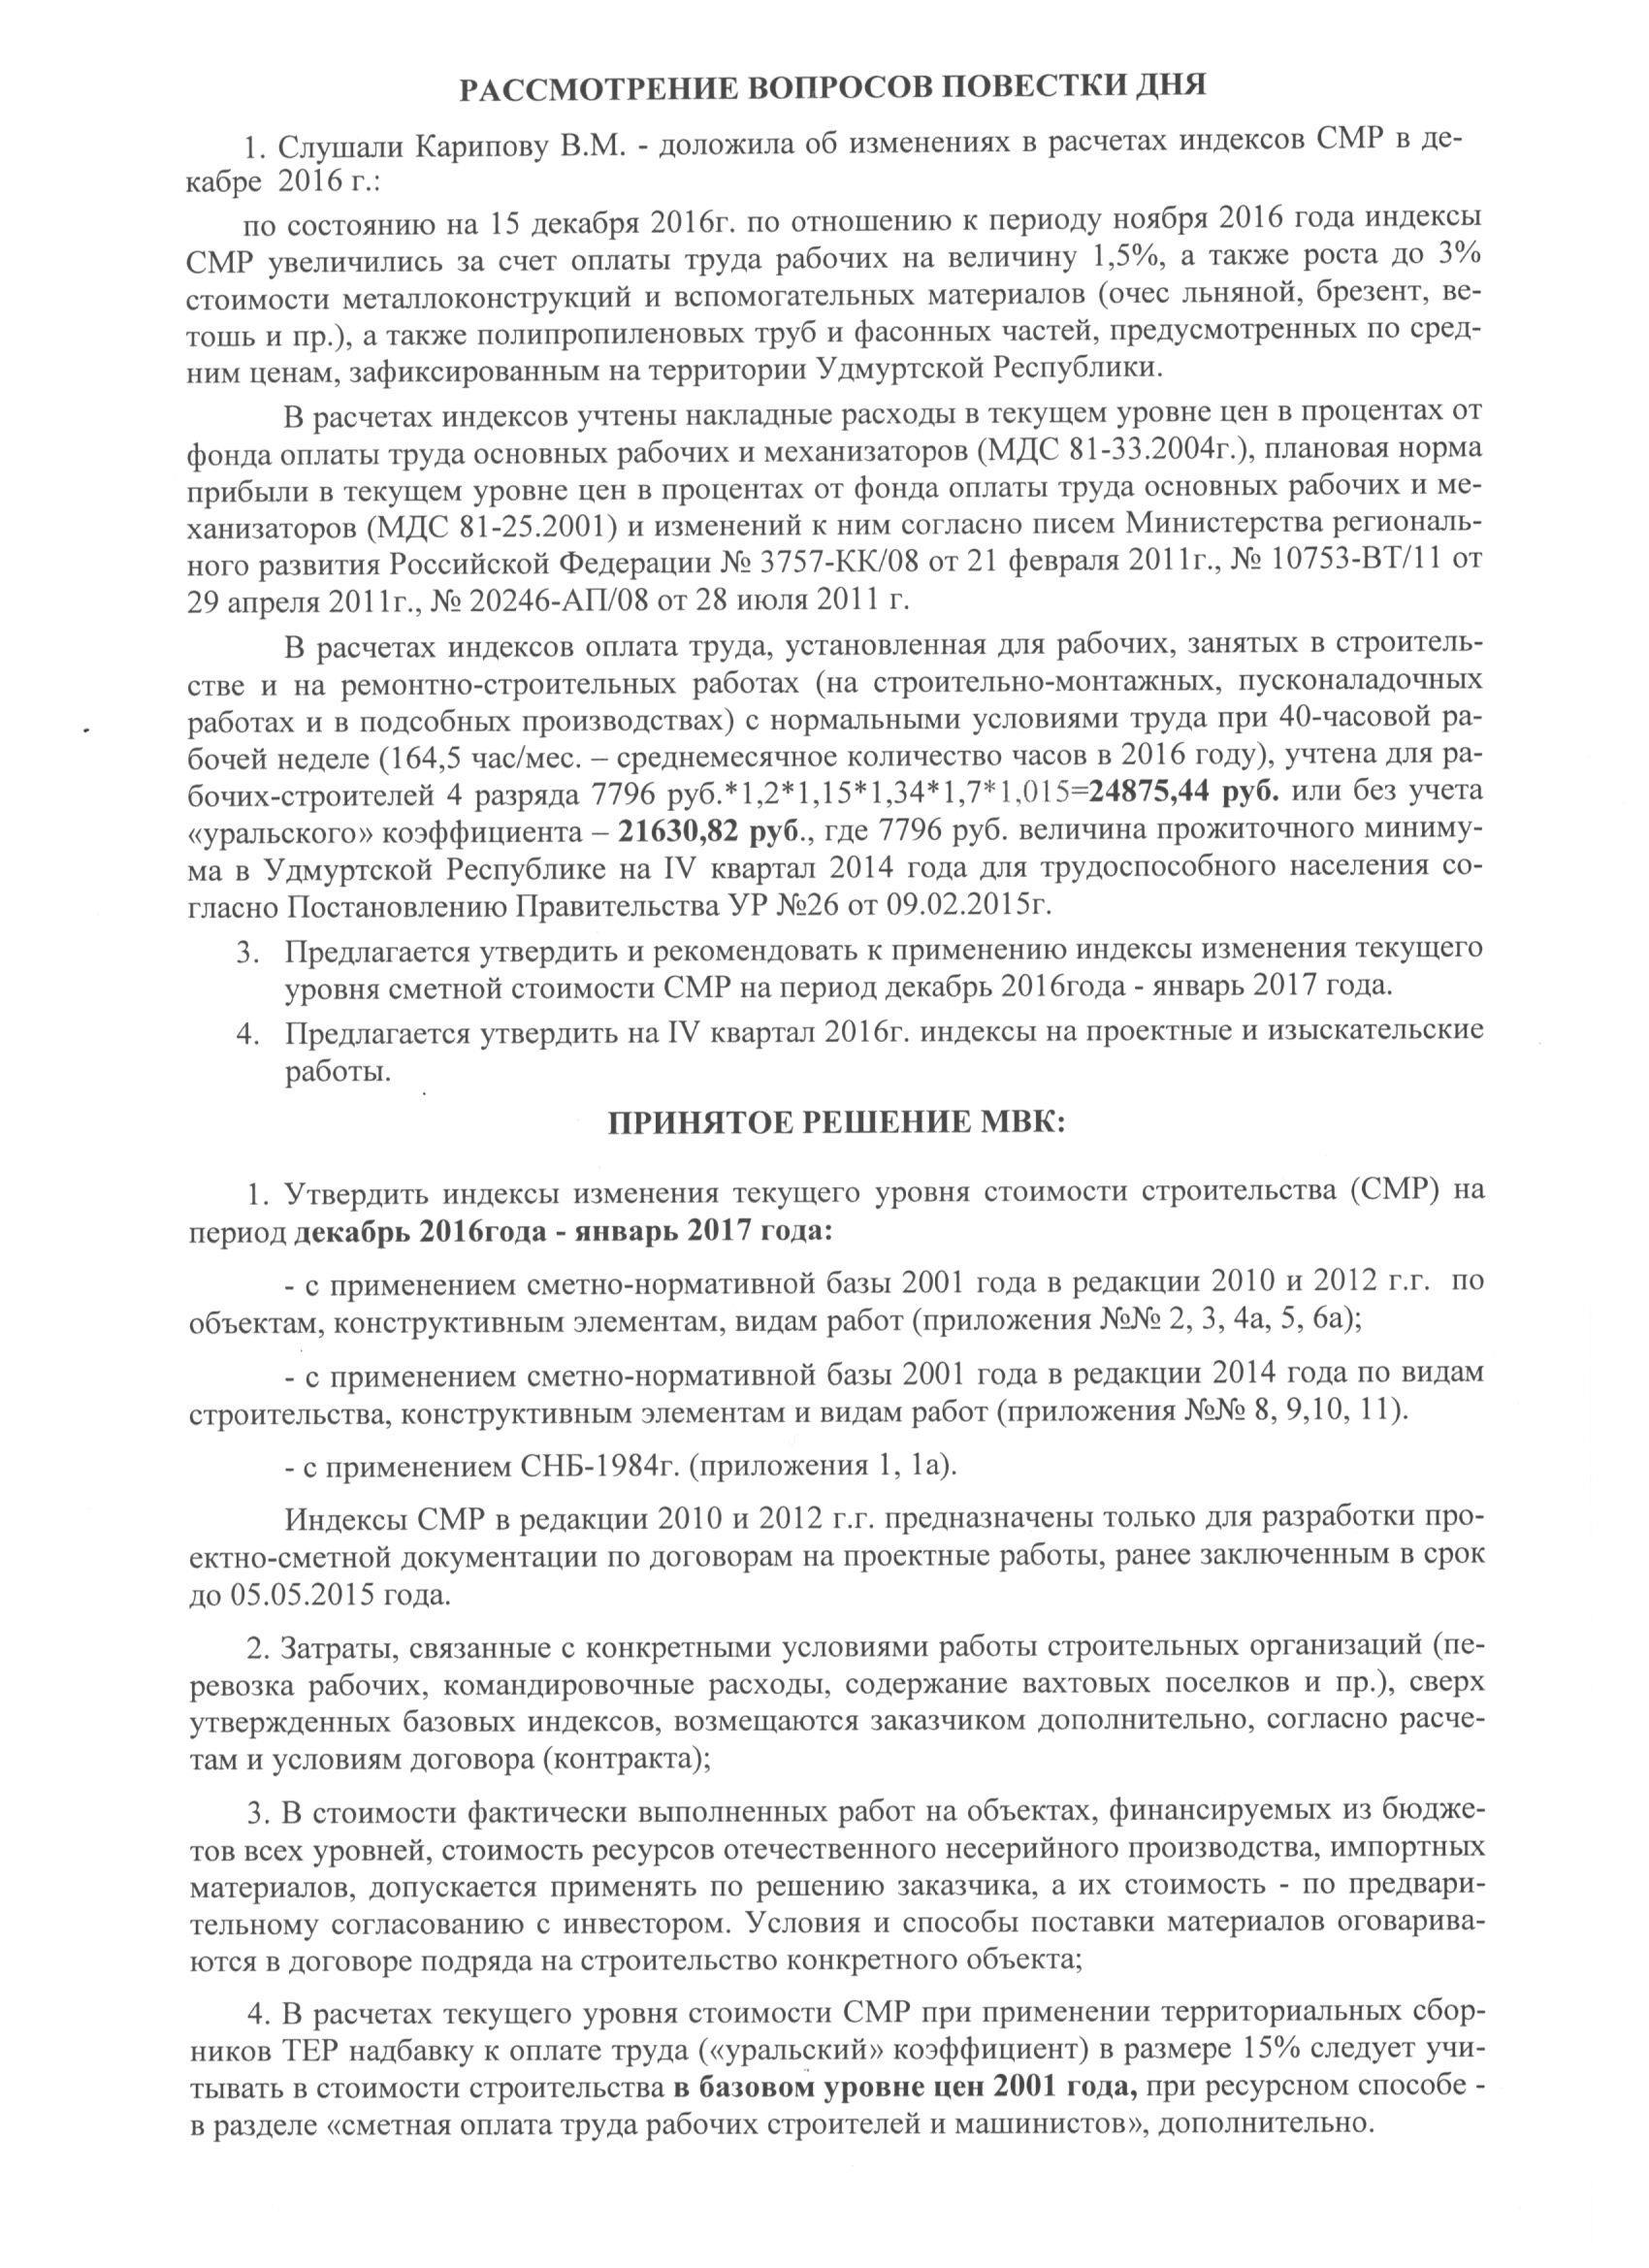 protokol-20-12-16-2